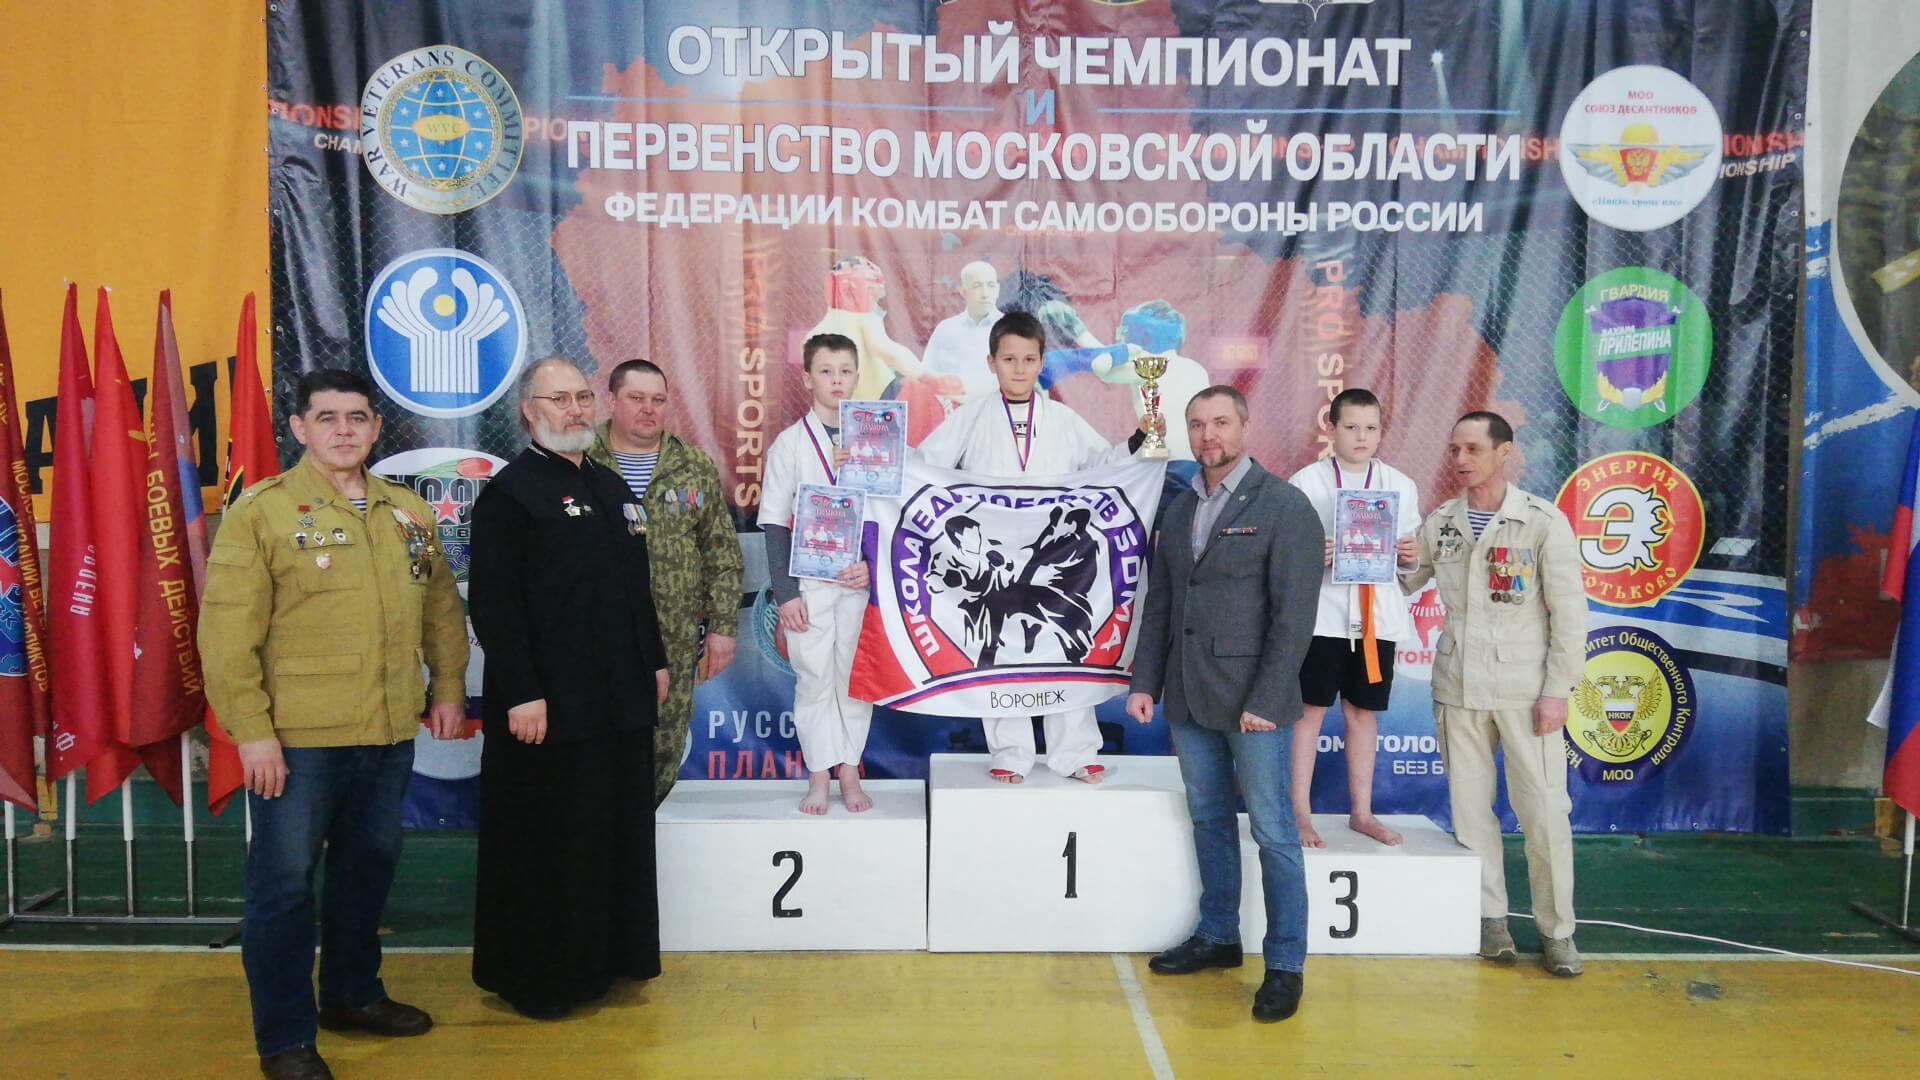 Открытый чемпионат по боевым единоборствам